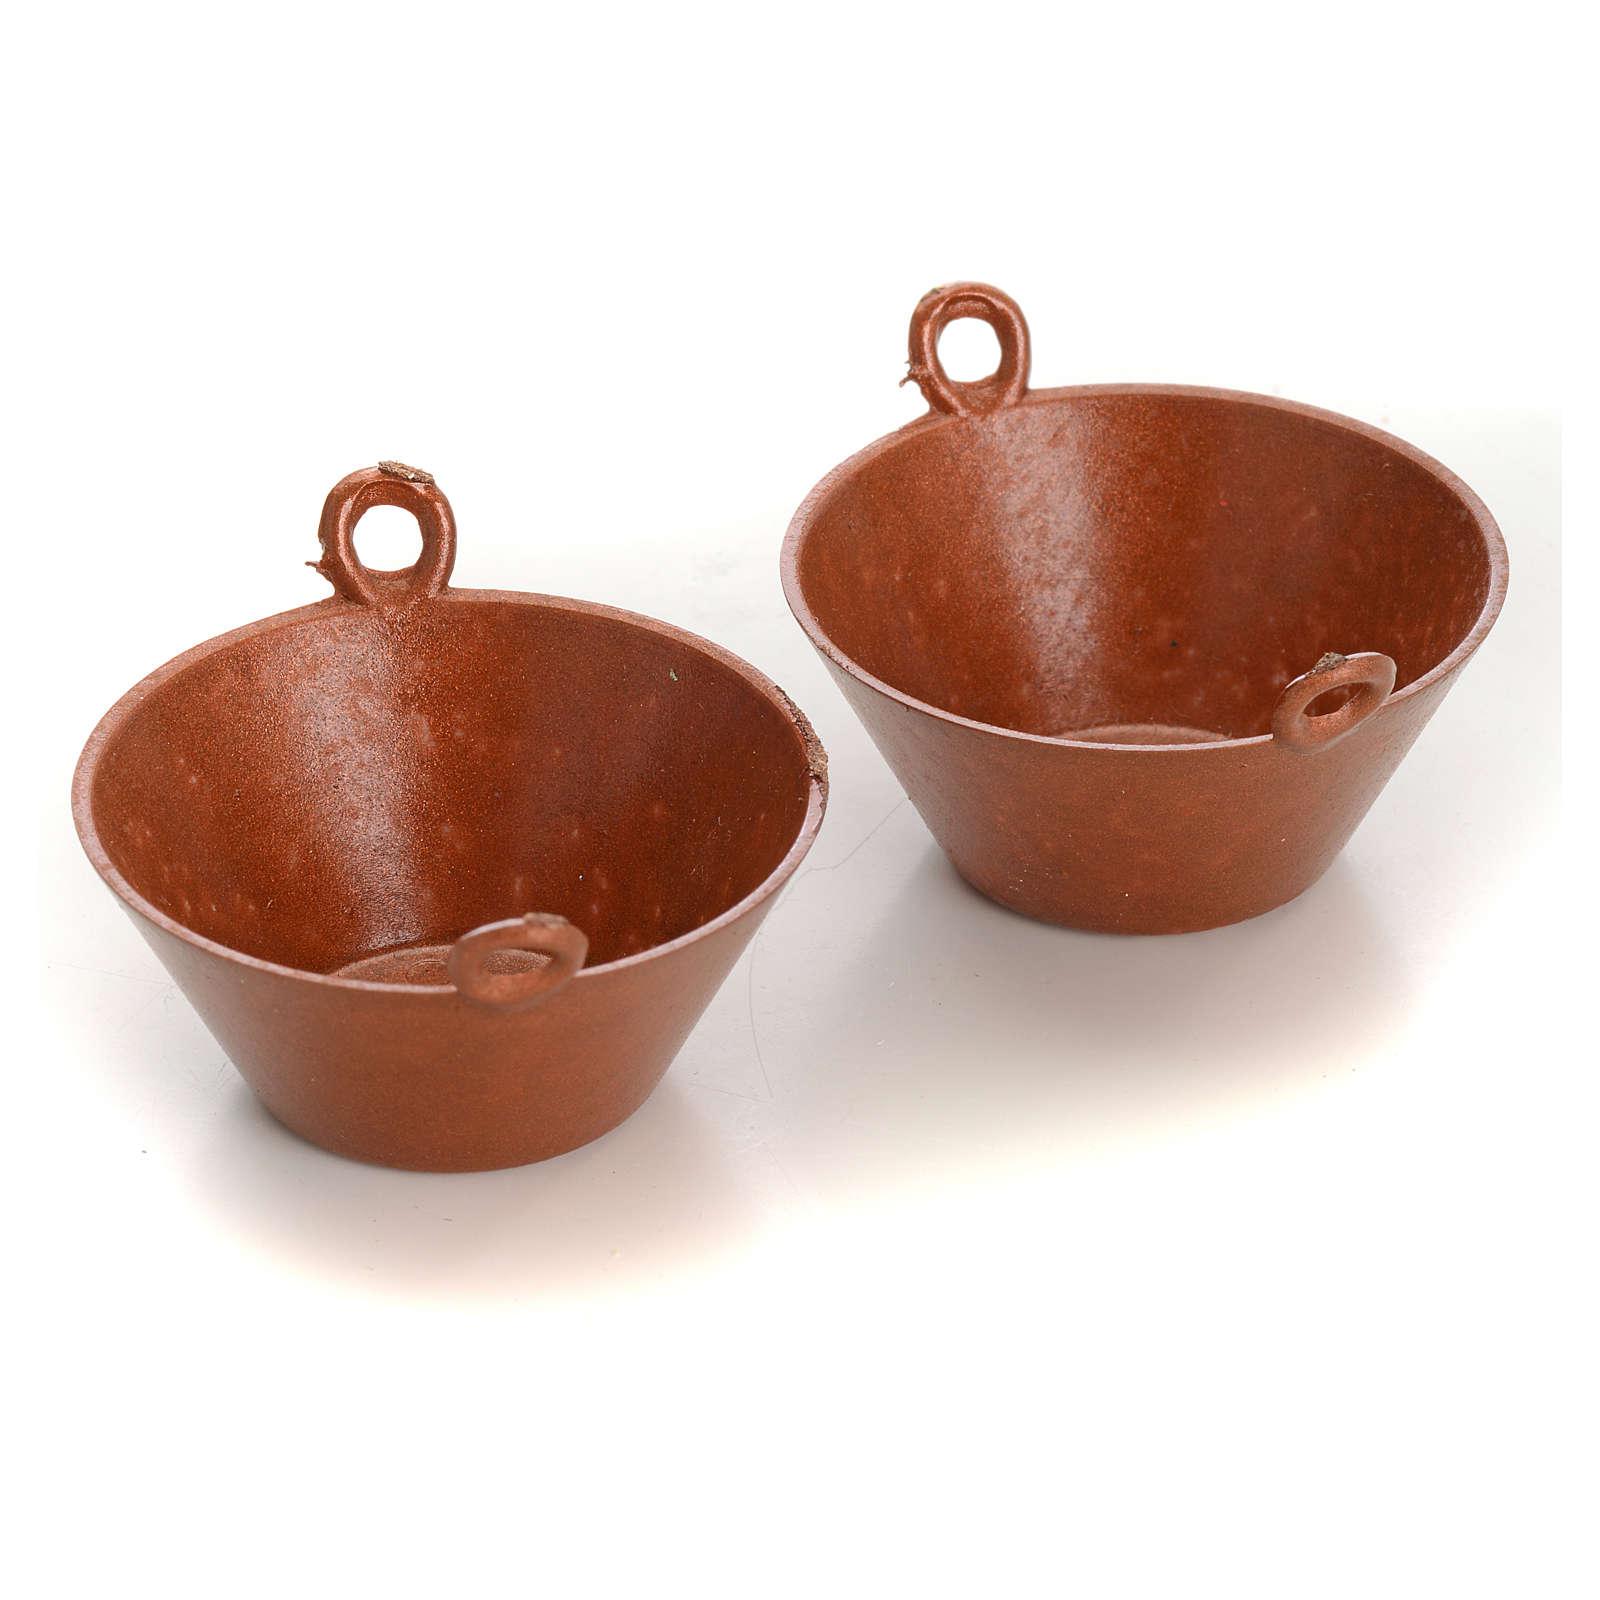 Kochtopfe Kupfer-farbig Krippe 2 Stücke 4